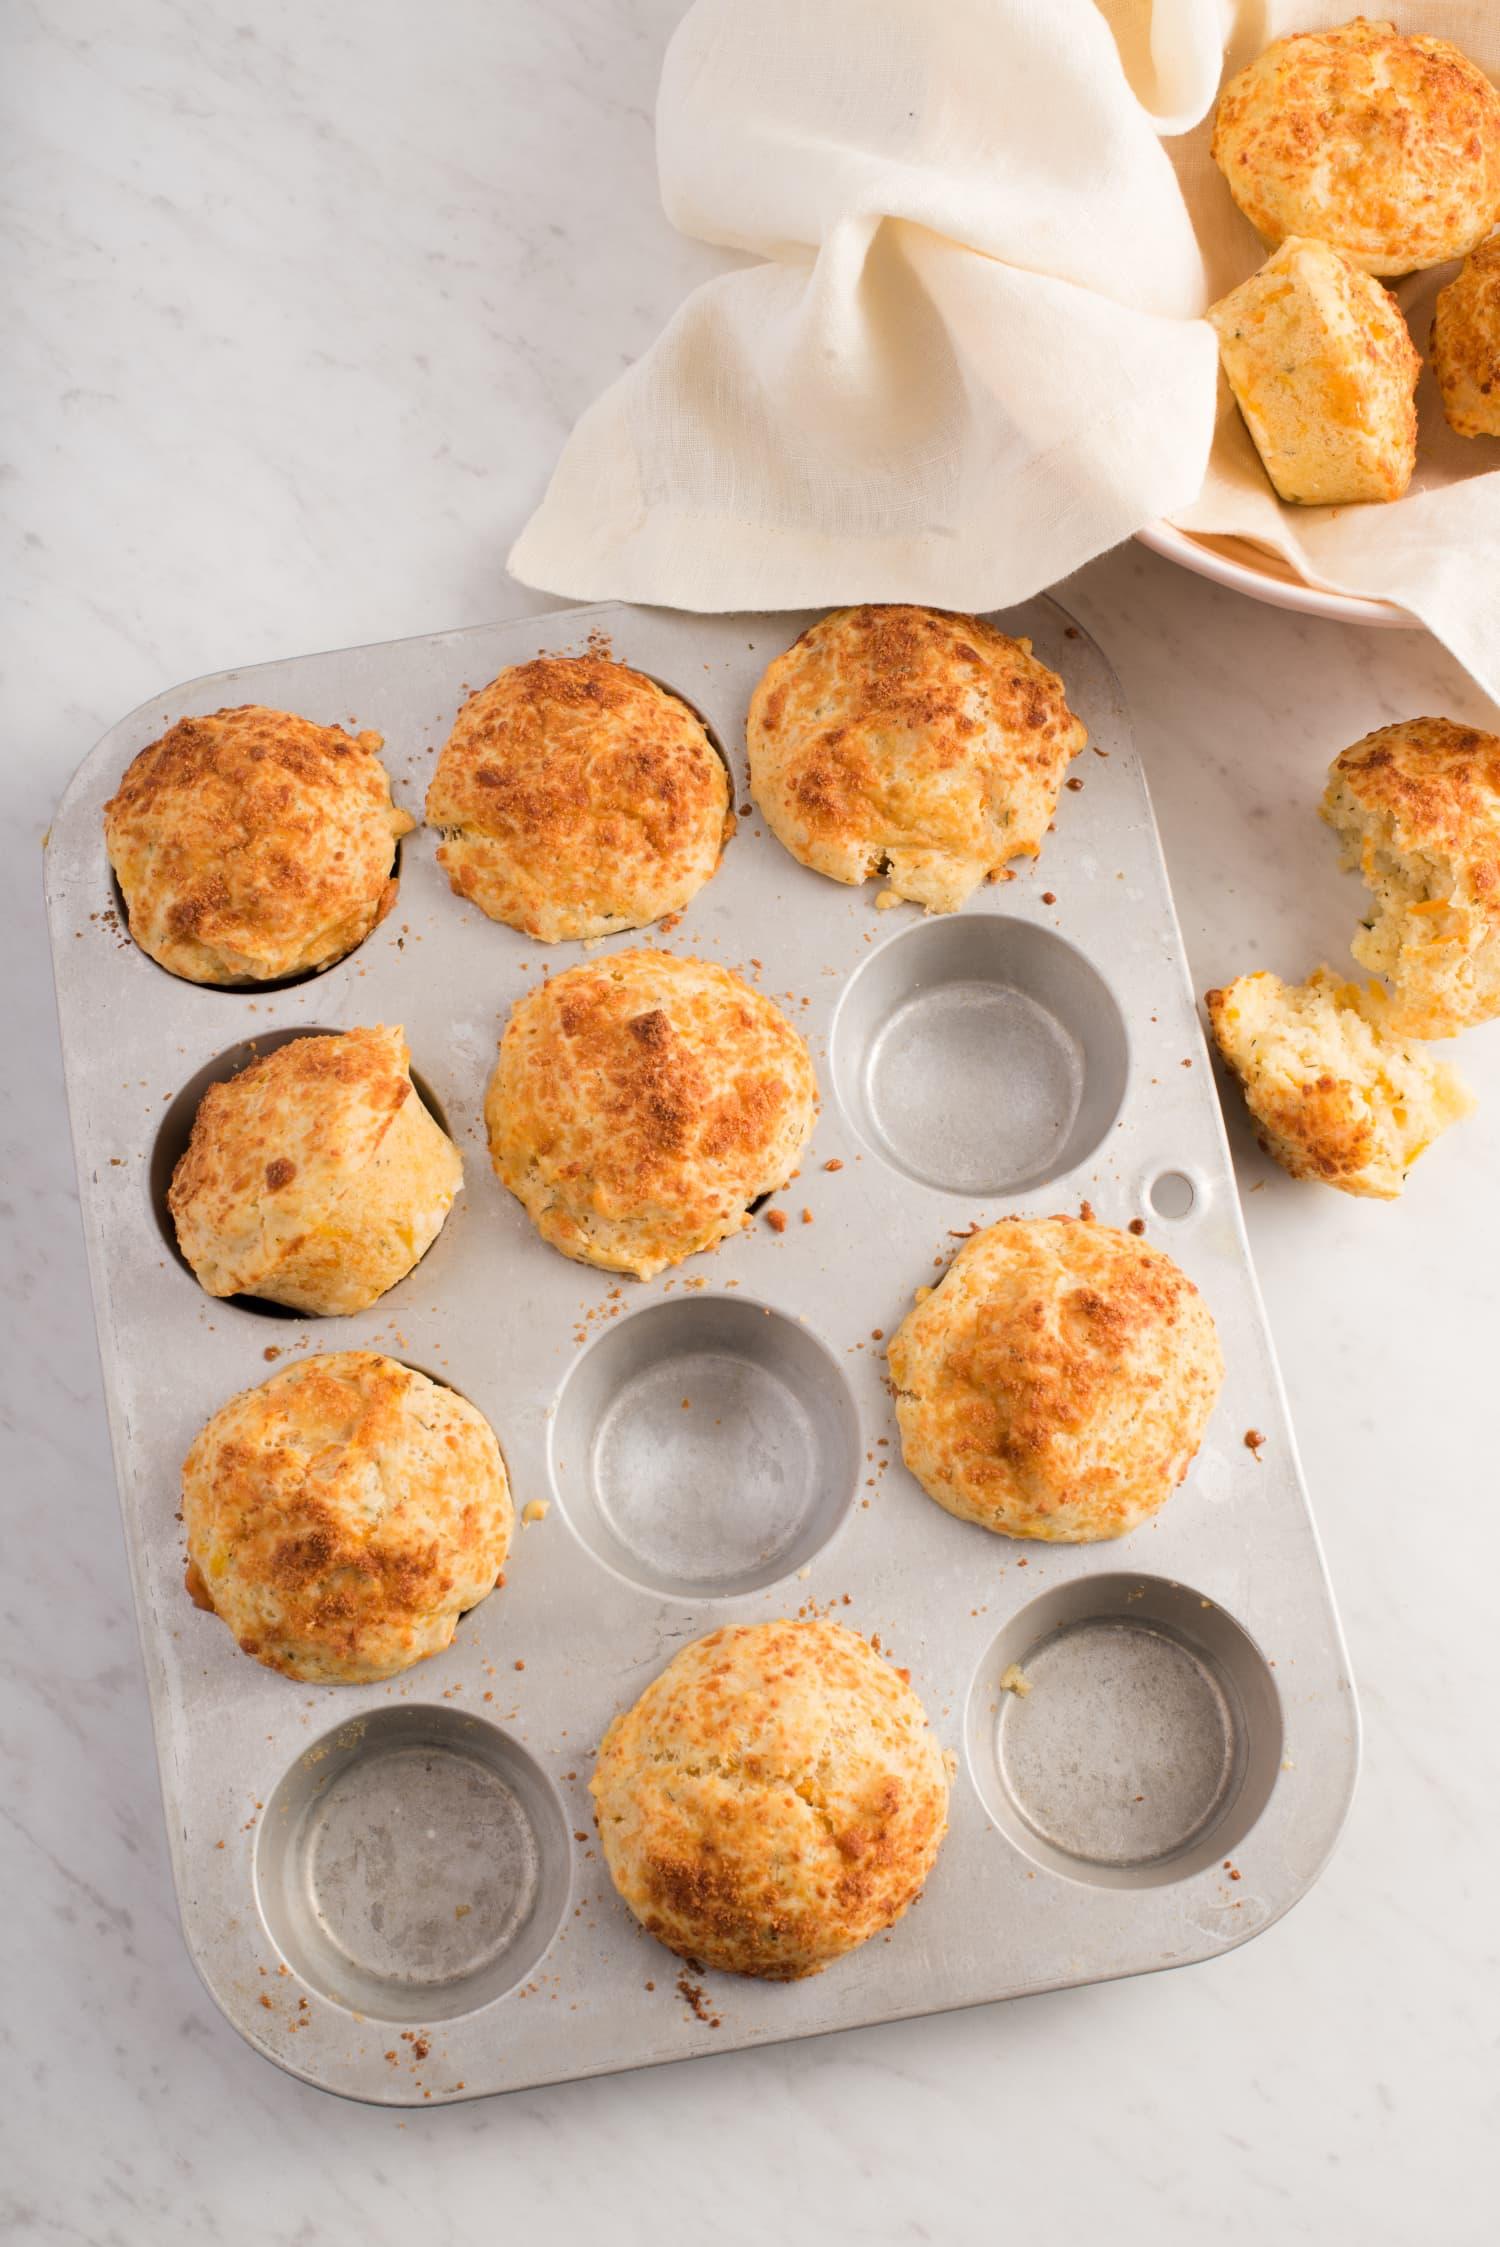 Recipe: Savory Sweet Potato & Parmesan Muffins